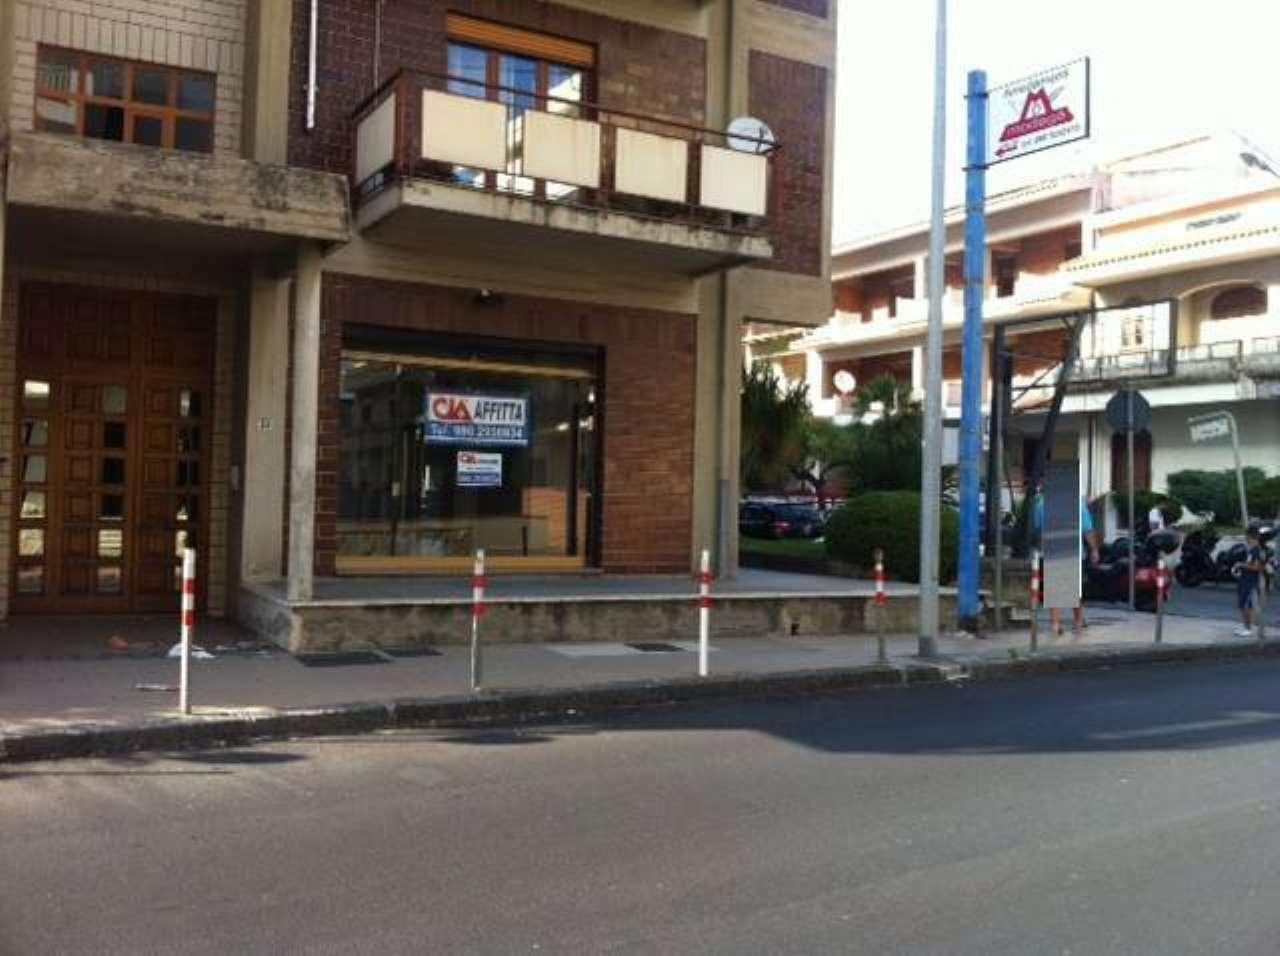 Negozio / Locale in vendita a Monforte San Giorgio, 1 locali, prezzo € 220.000 | CambioCasa.it